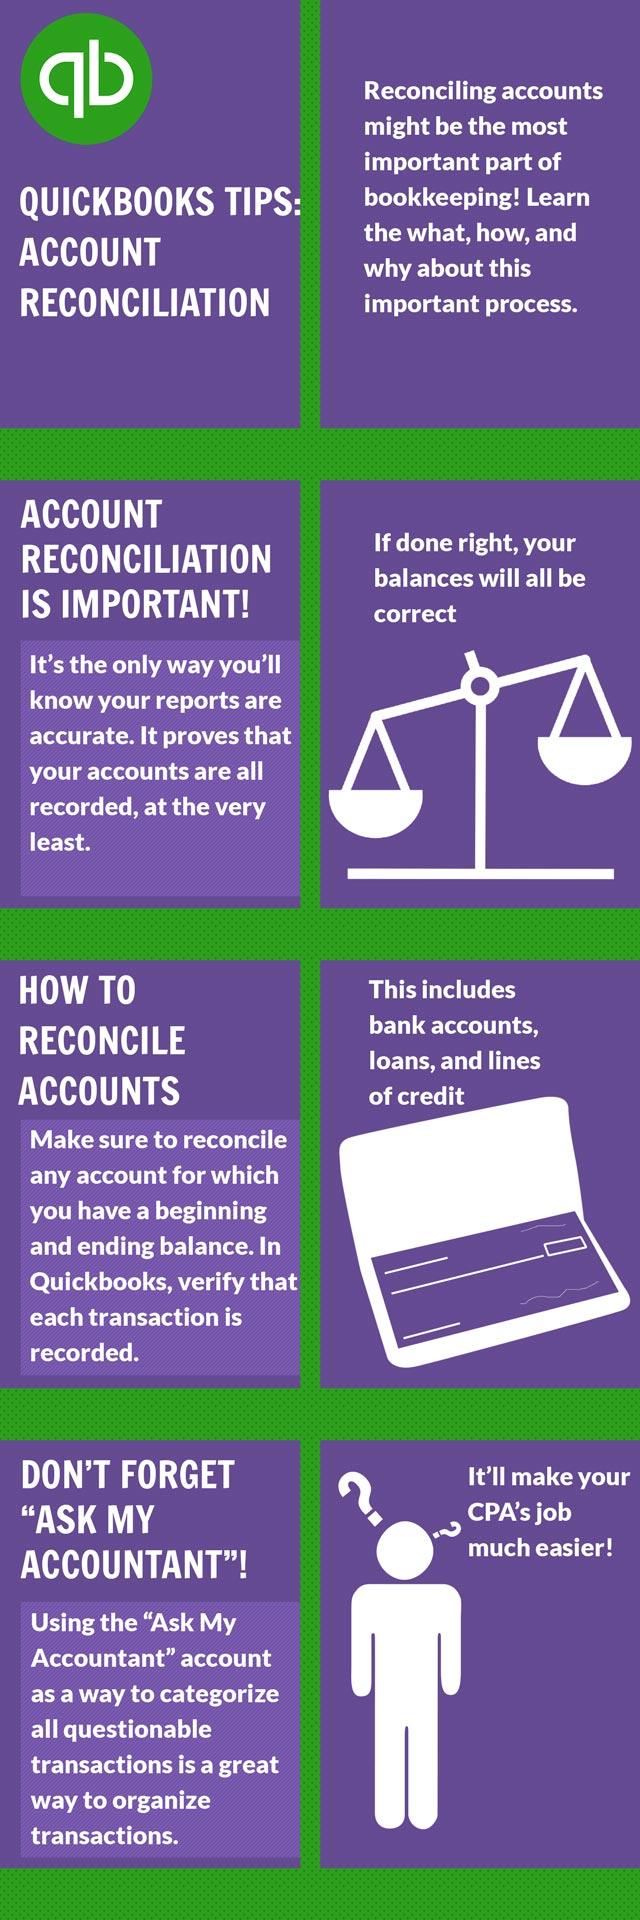 QuickBooks Account Reconciliation Reduces Gossip